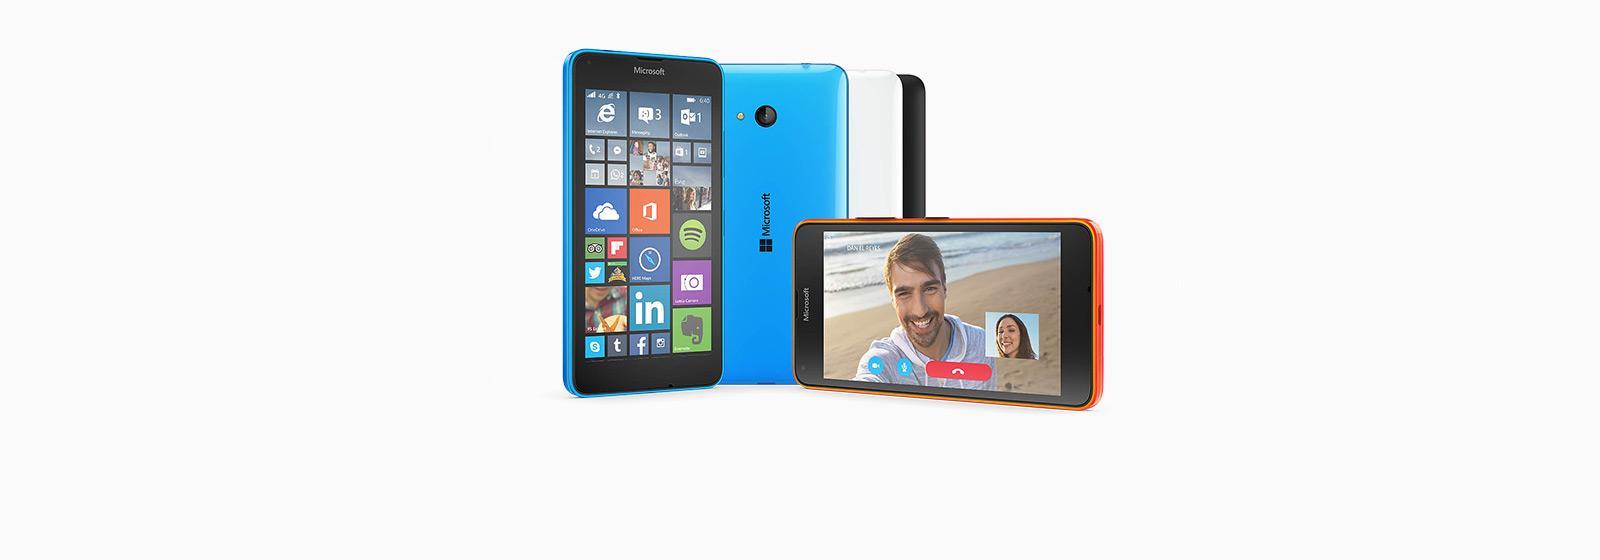 Compre um Lumia 640 e obtenha o Office 365 Personal.